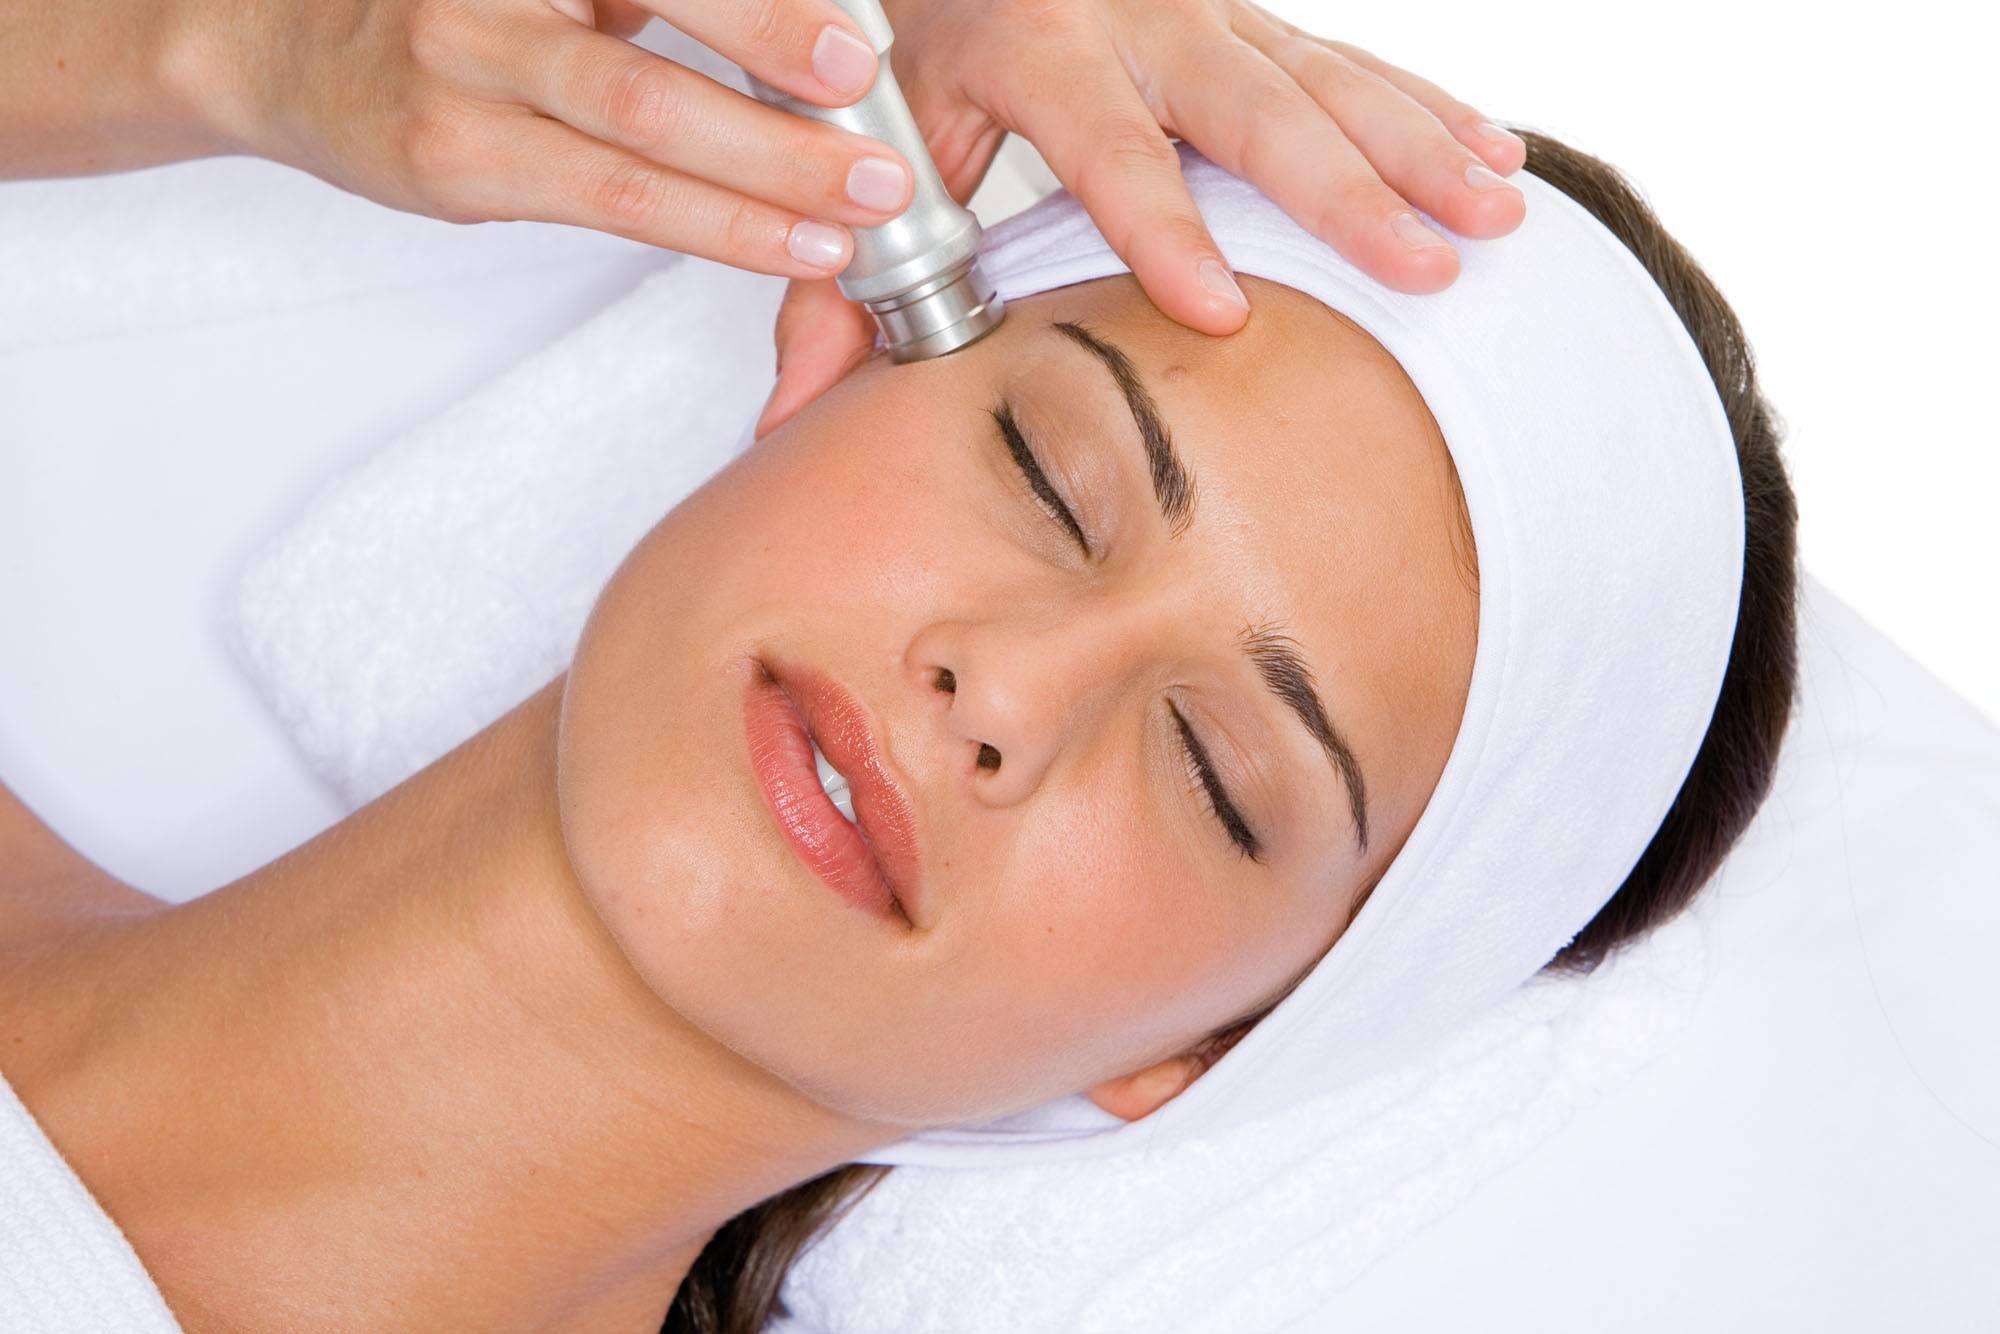 Мезотерапия лица — одна из лучших салонных процедур для омоложения кожи после 35 лет